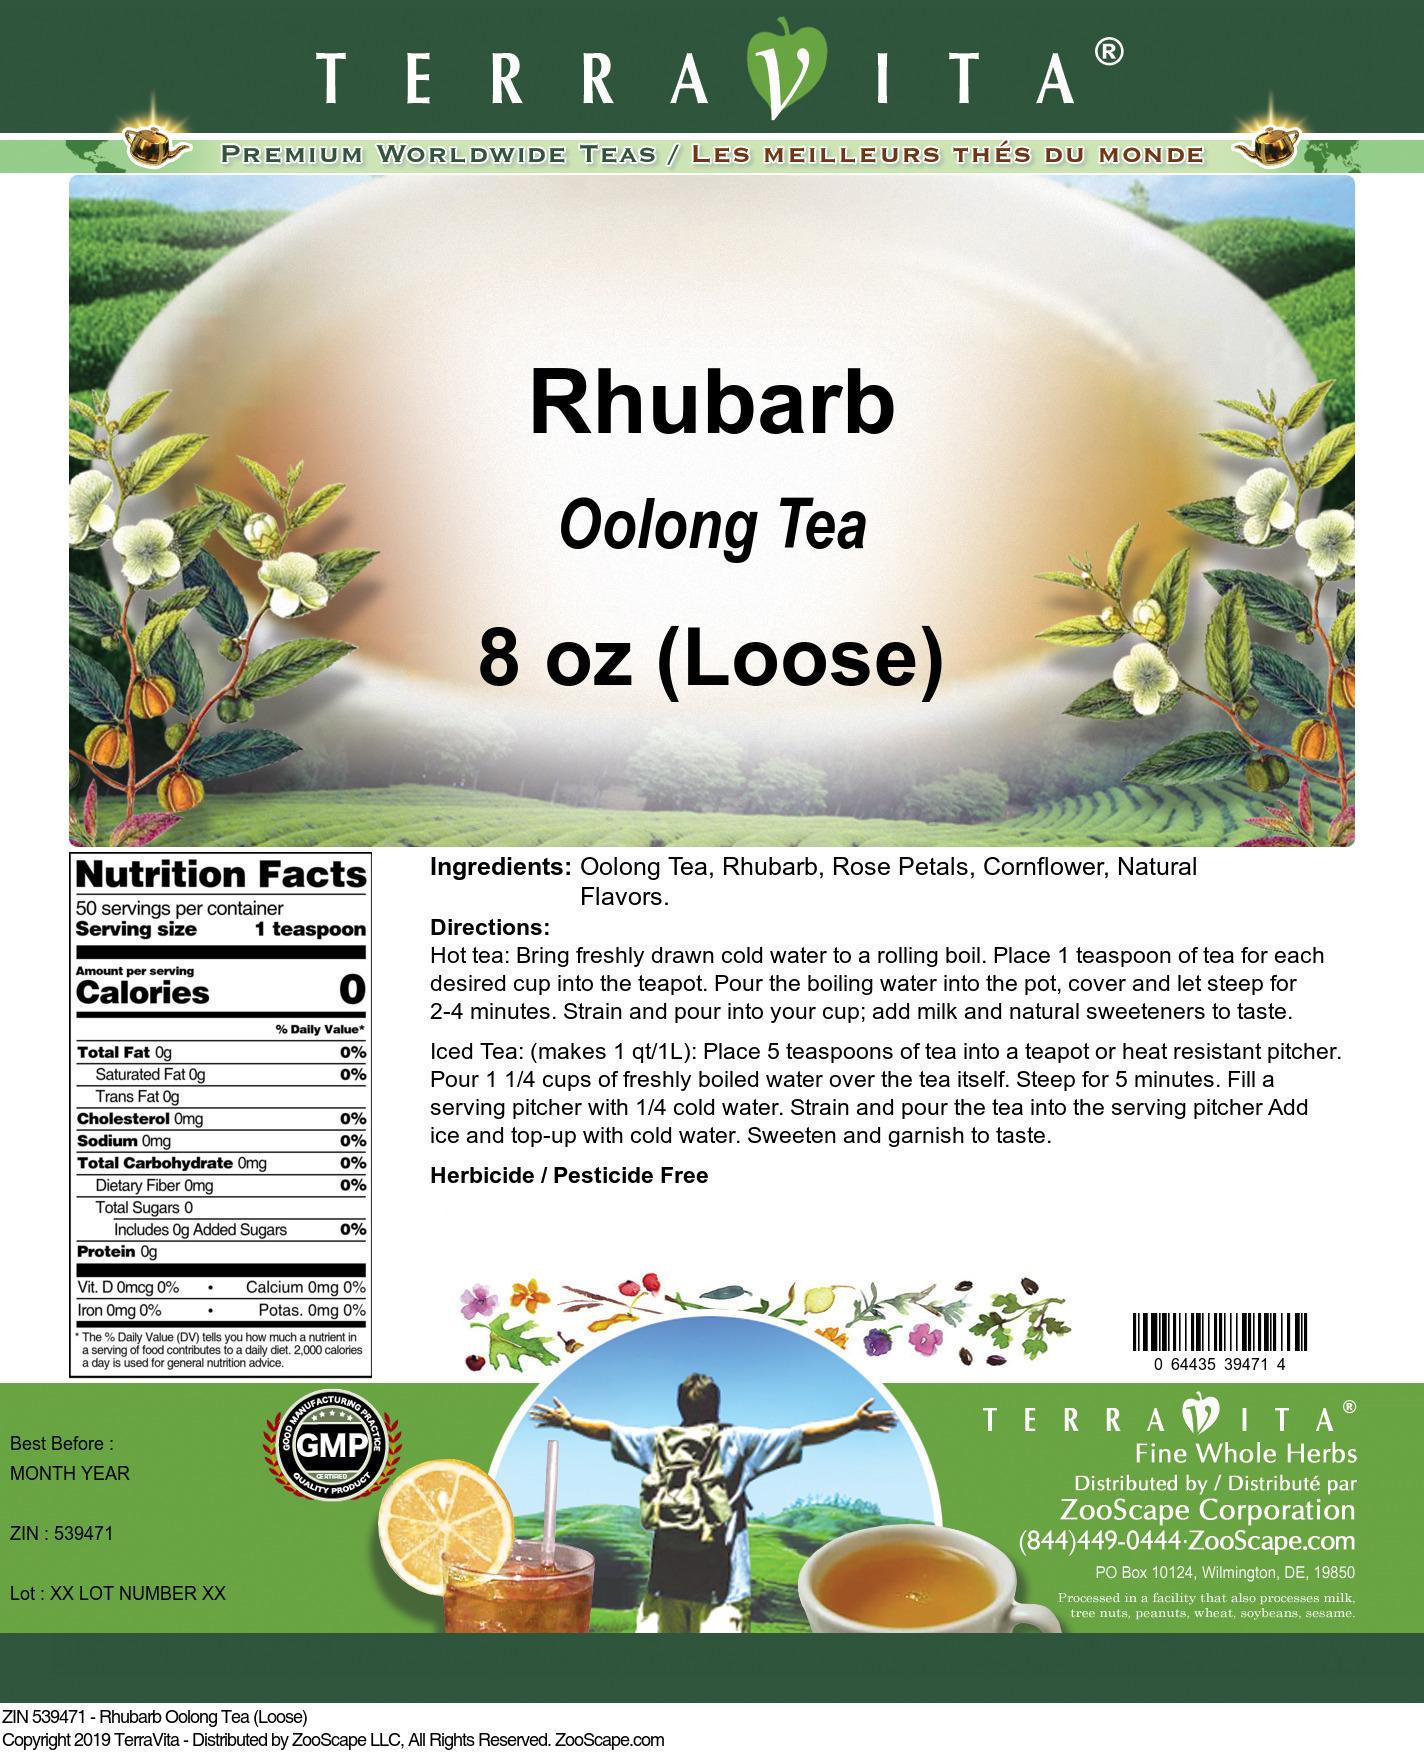 Rhubarb Oolong Tea